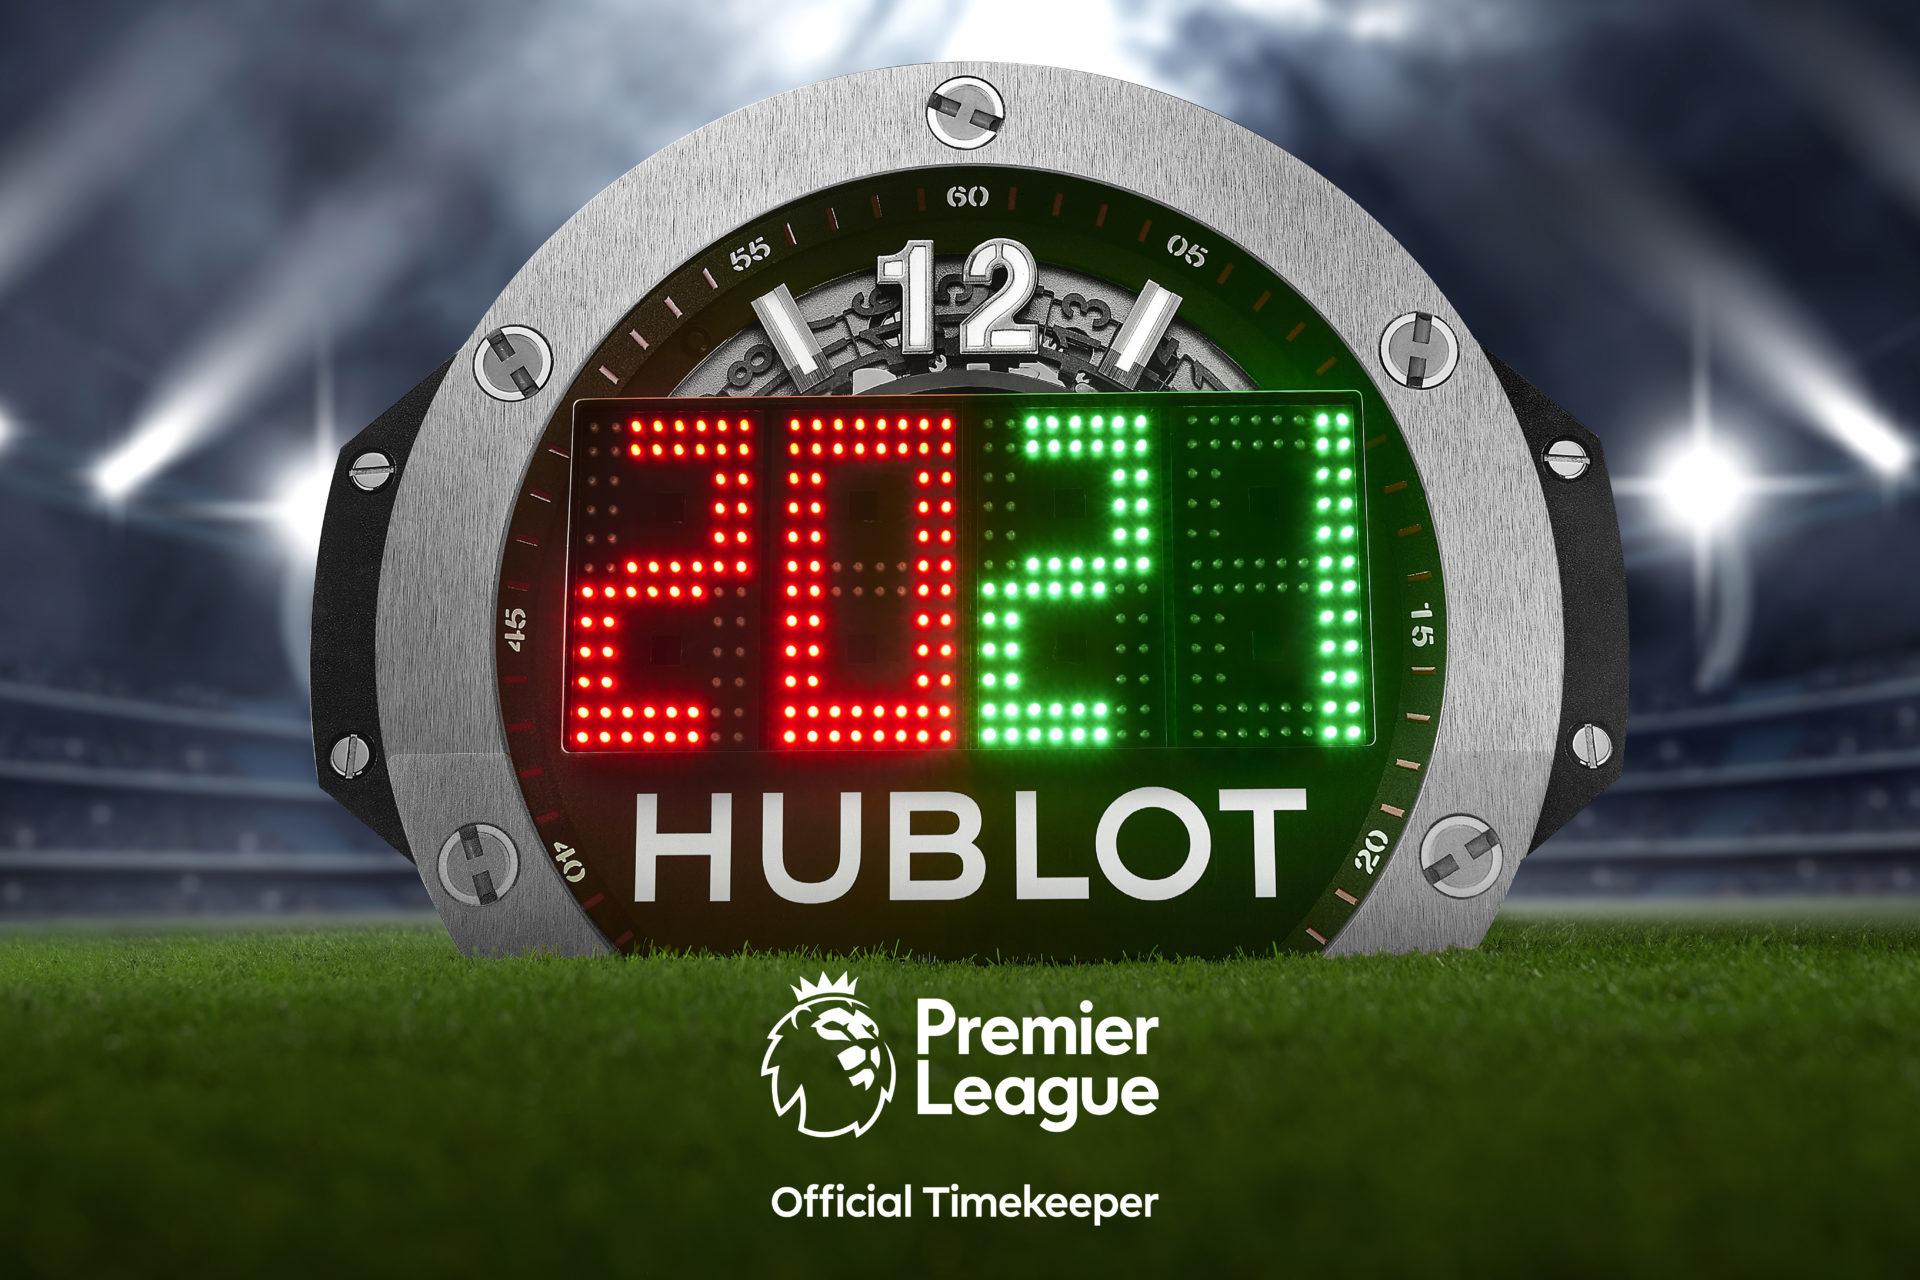 2020-2021 season Premier League 4th Referee Board by Hublot (2)